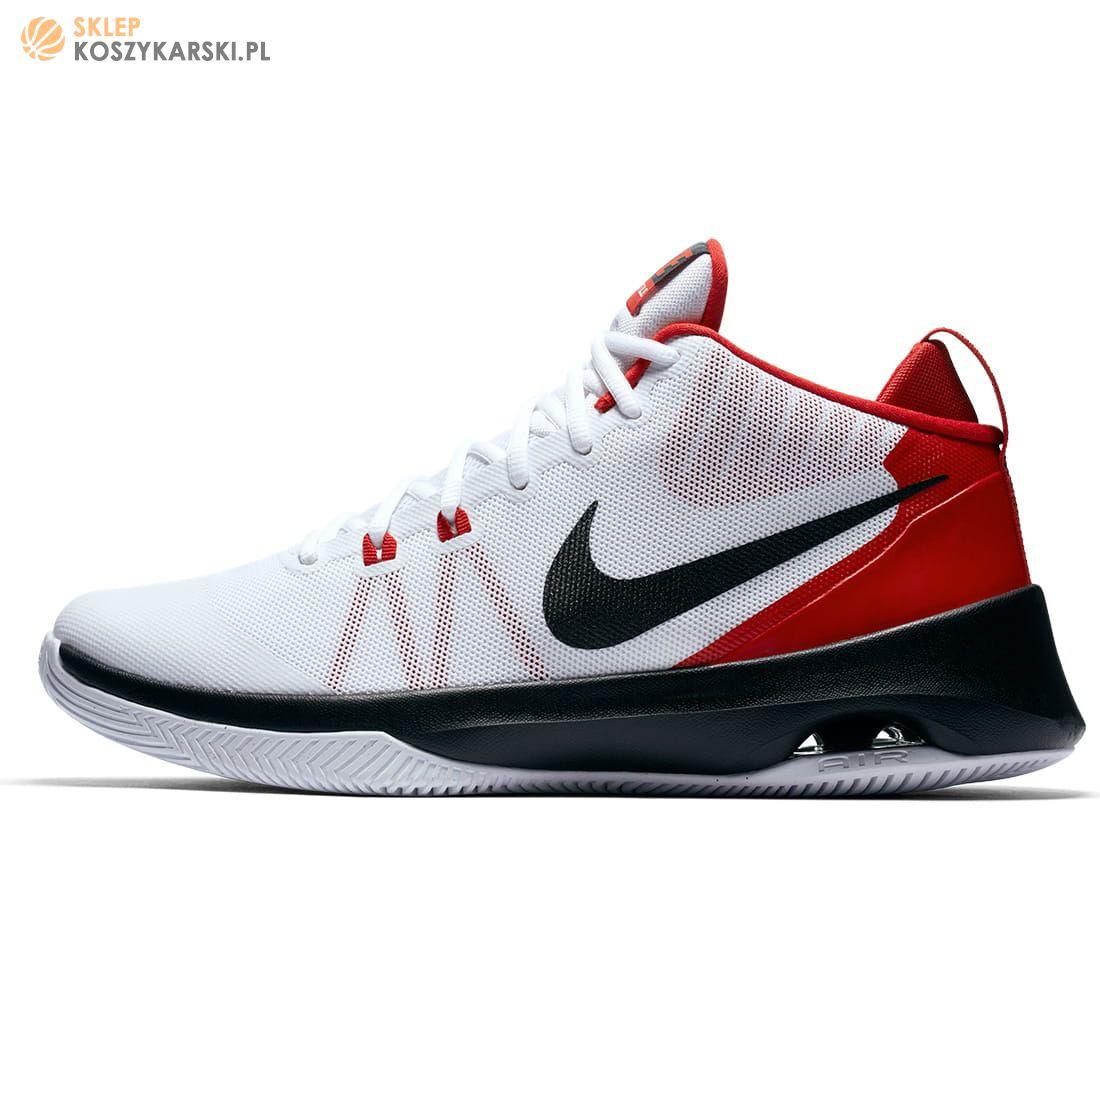 Buty do koszykówki Nike Air Versitile (852431 102